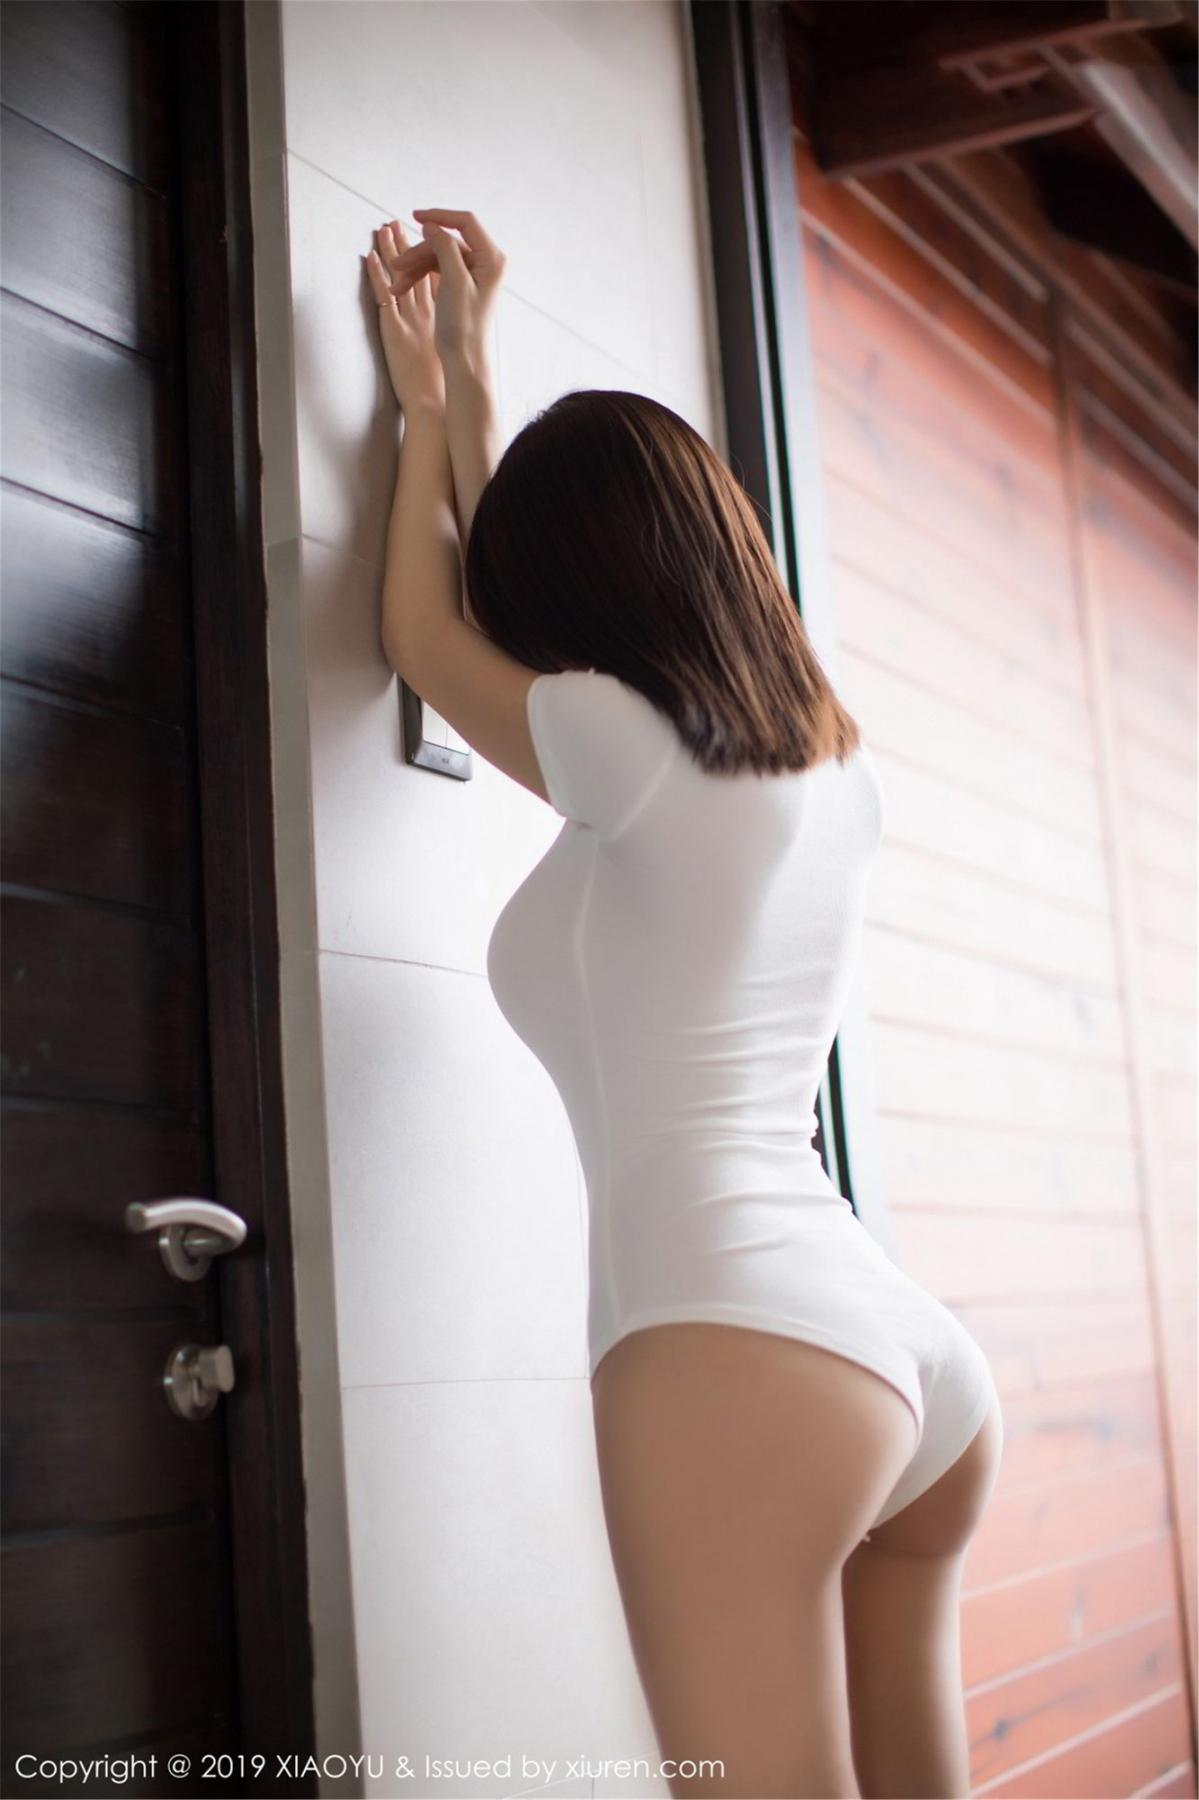 [XiaoYu] Vol.060 Xiao Mo Lin 2P, Bathroom, Lin Lin Ailin, Wet, XiaoYu